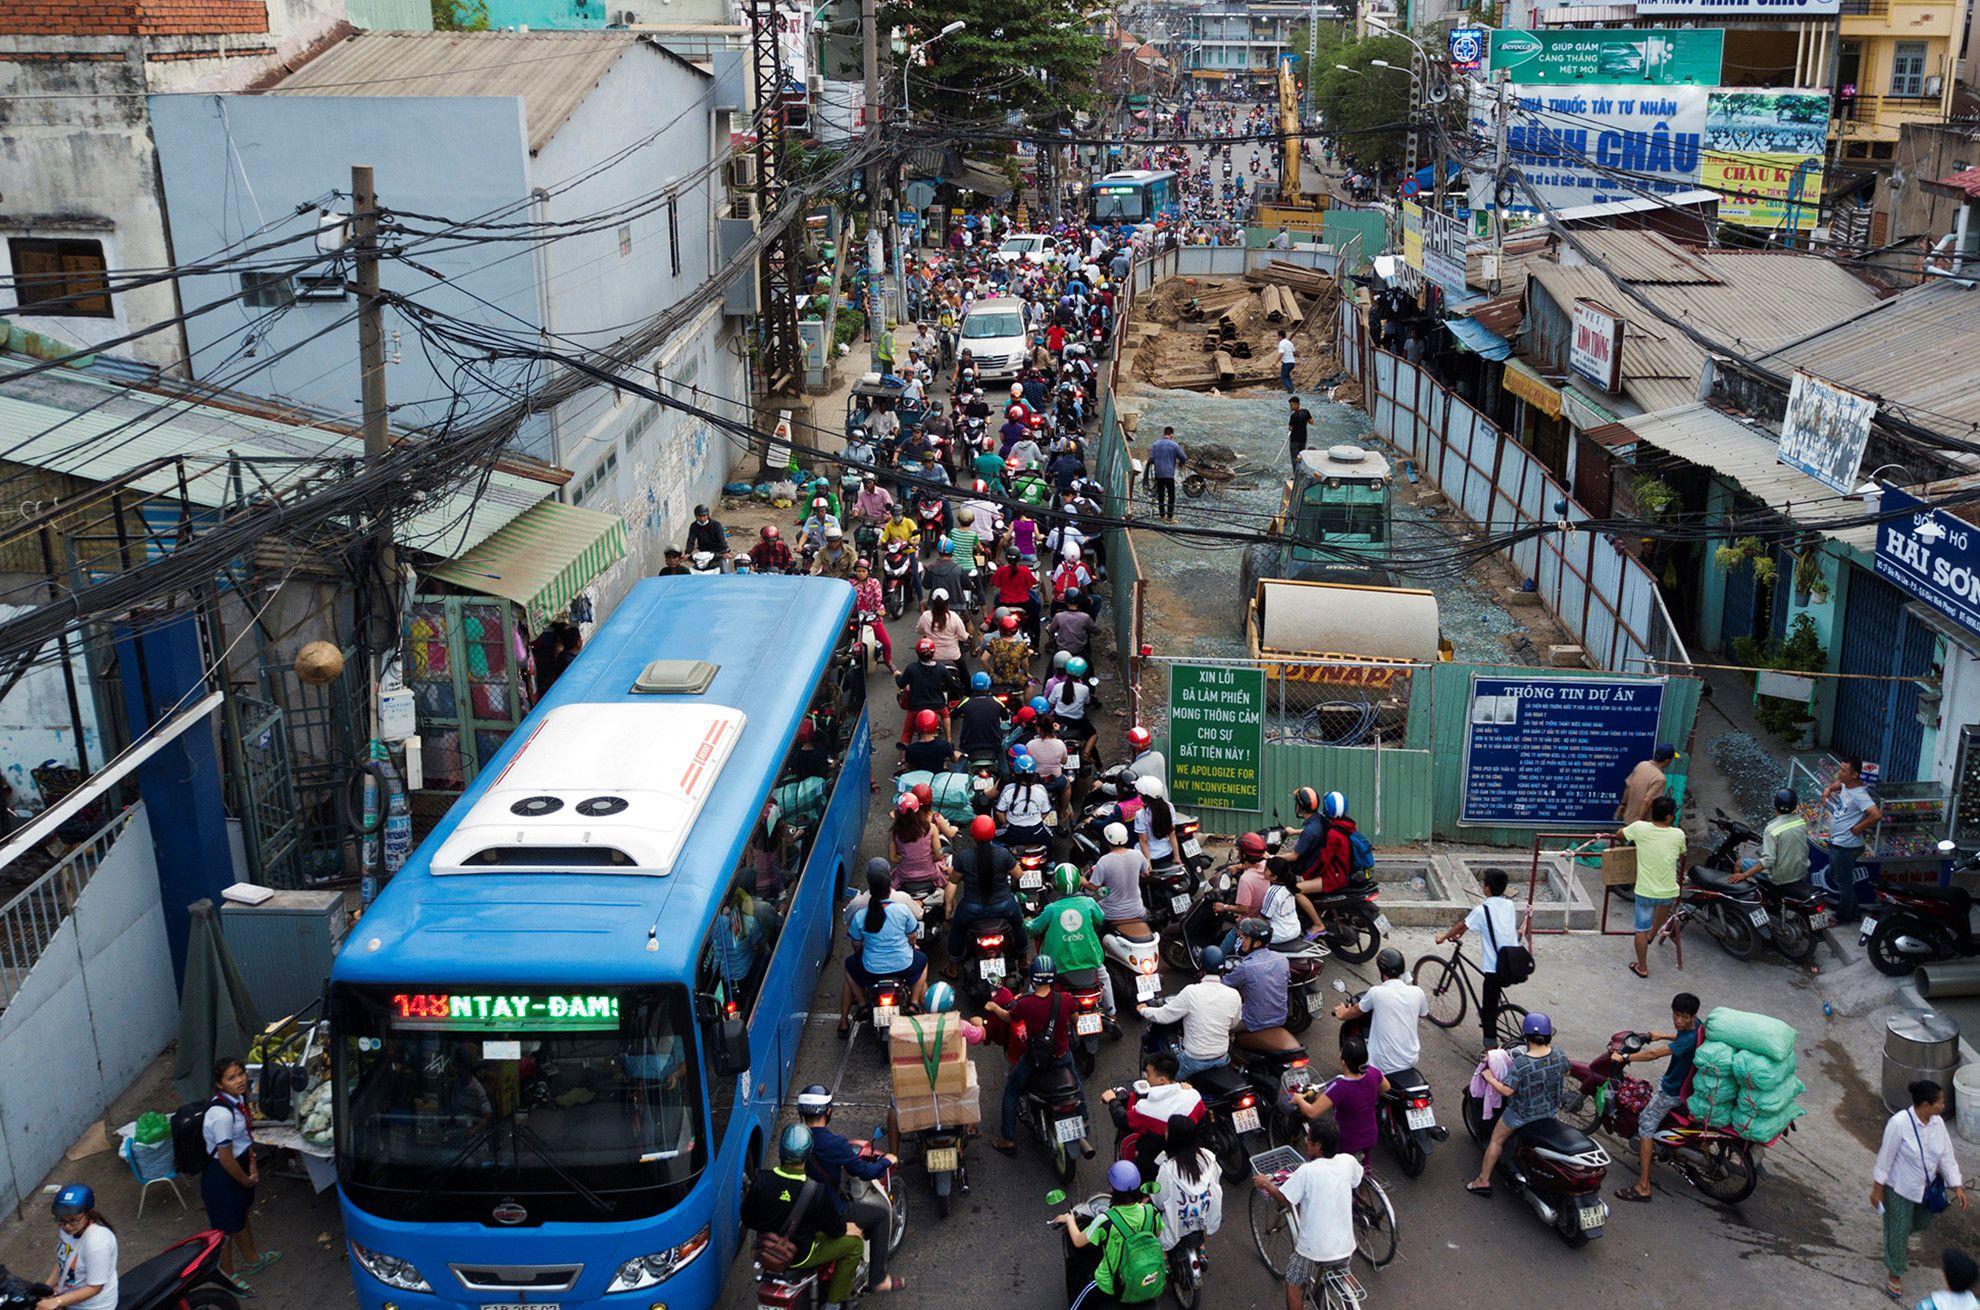 Cuối năm, lô cốt lại mọc lên khắp đường Sài Gòn Ảnh 2